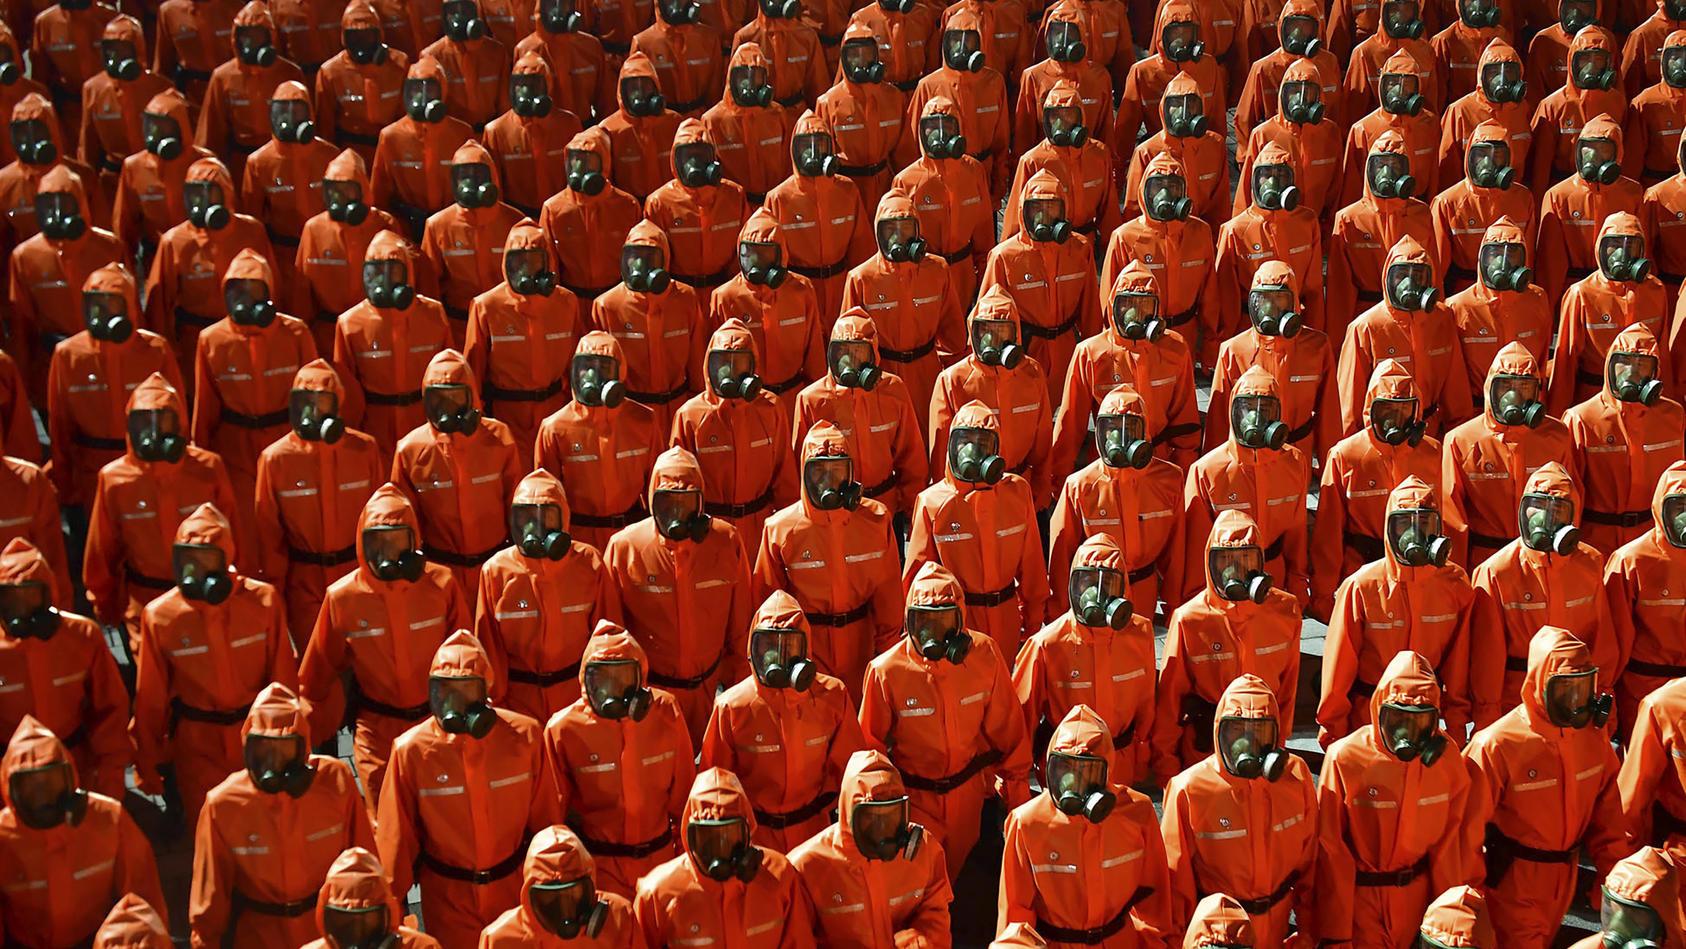 Soldaten tragen bei einer Militärparade in Nordkorea Chemikalienschutzanzüge und Gasmasken.